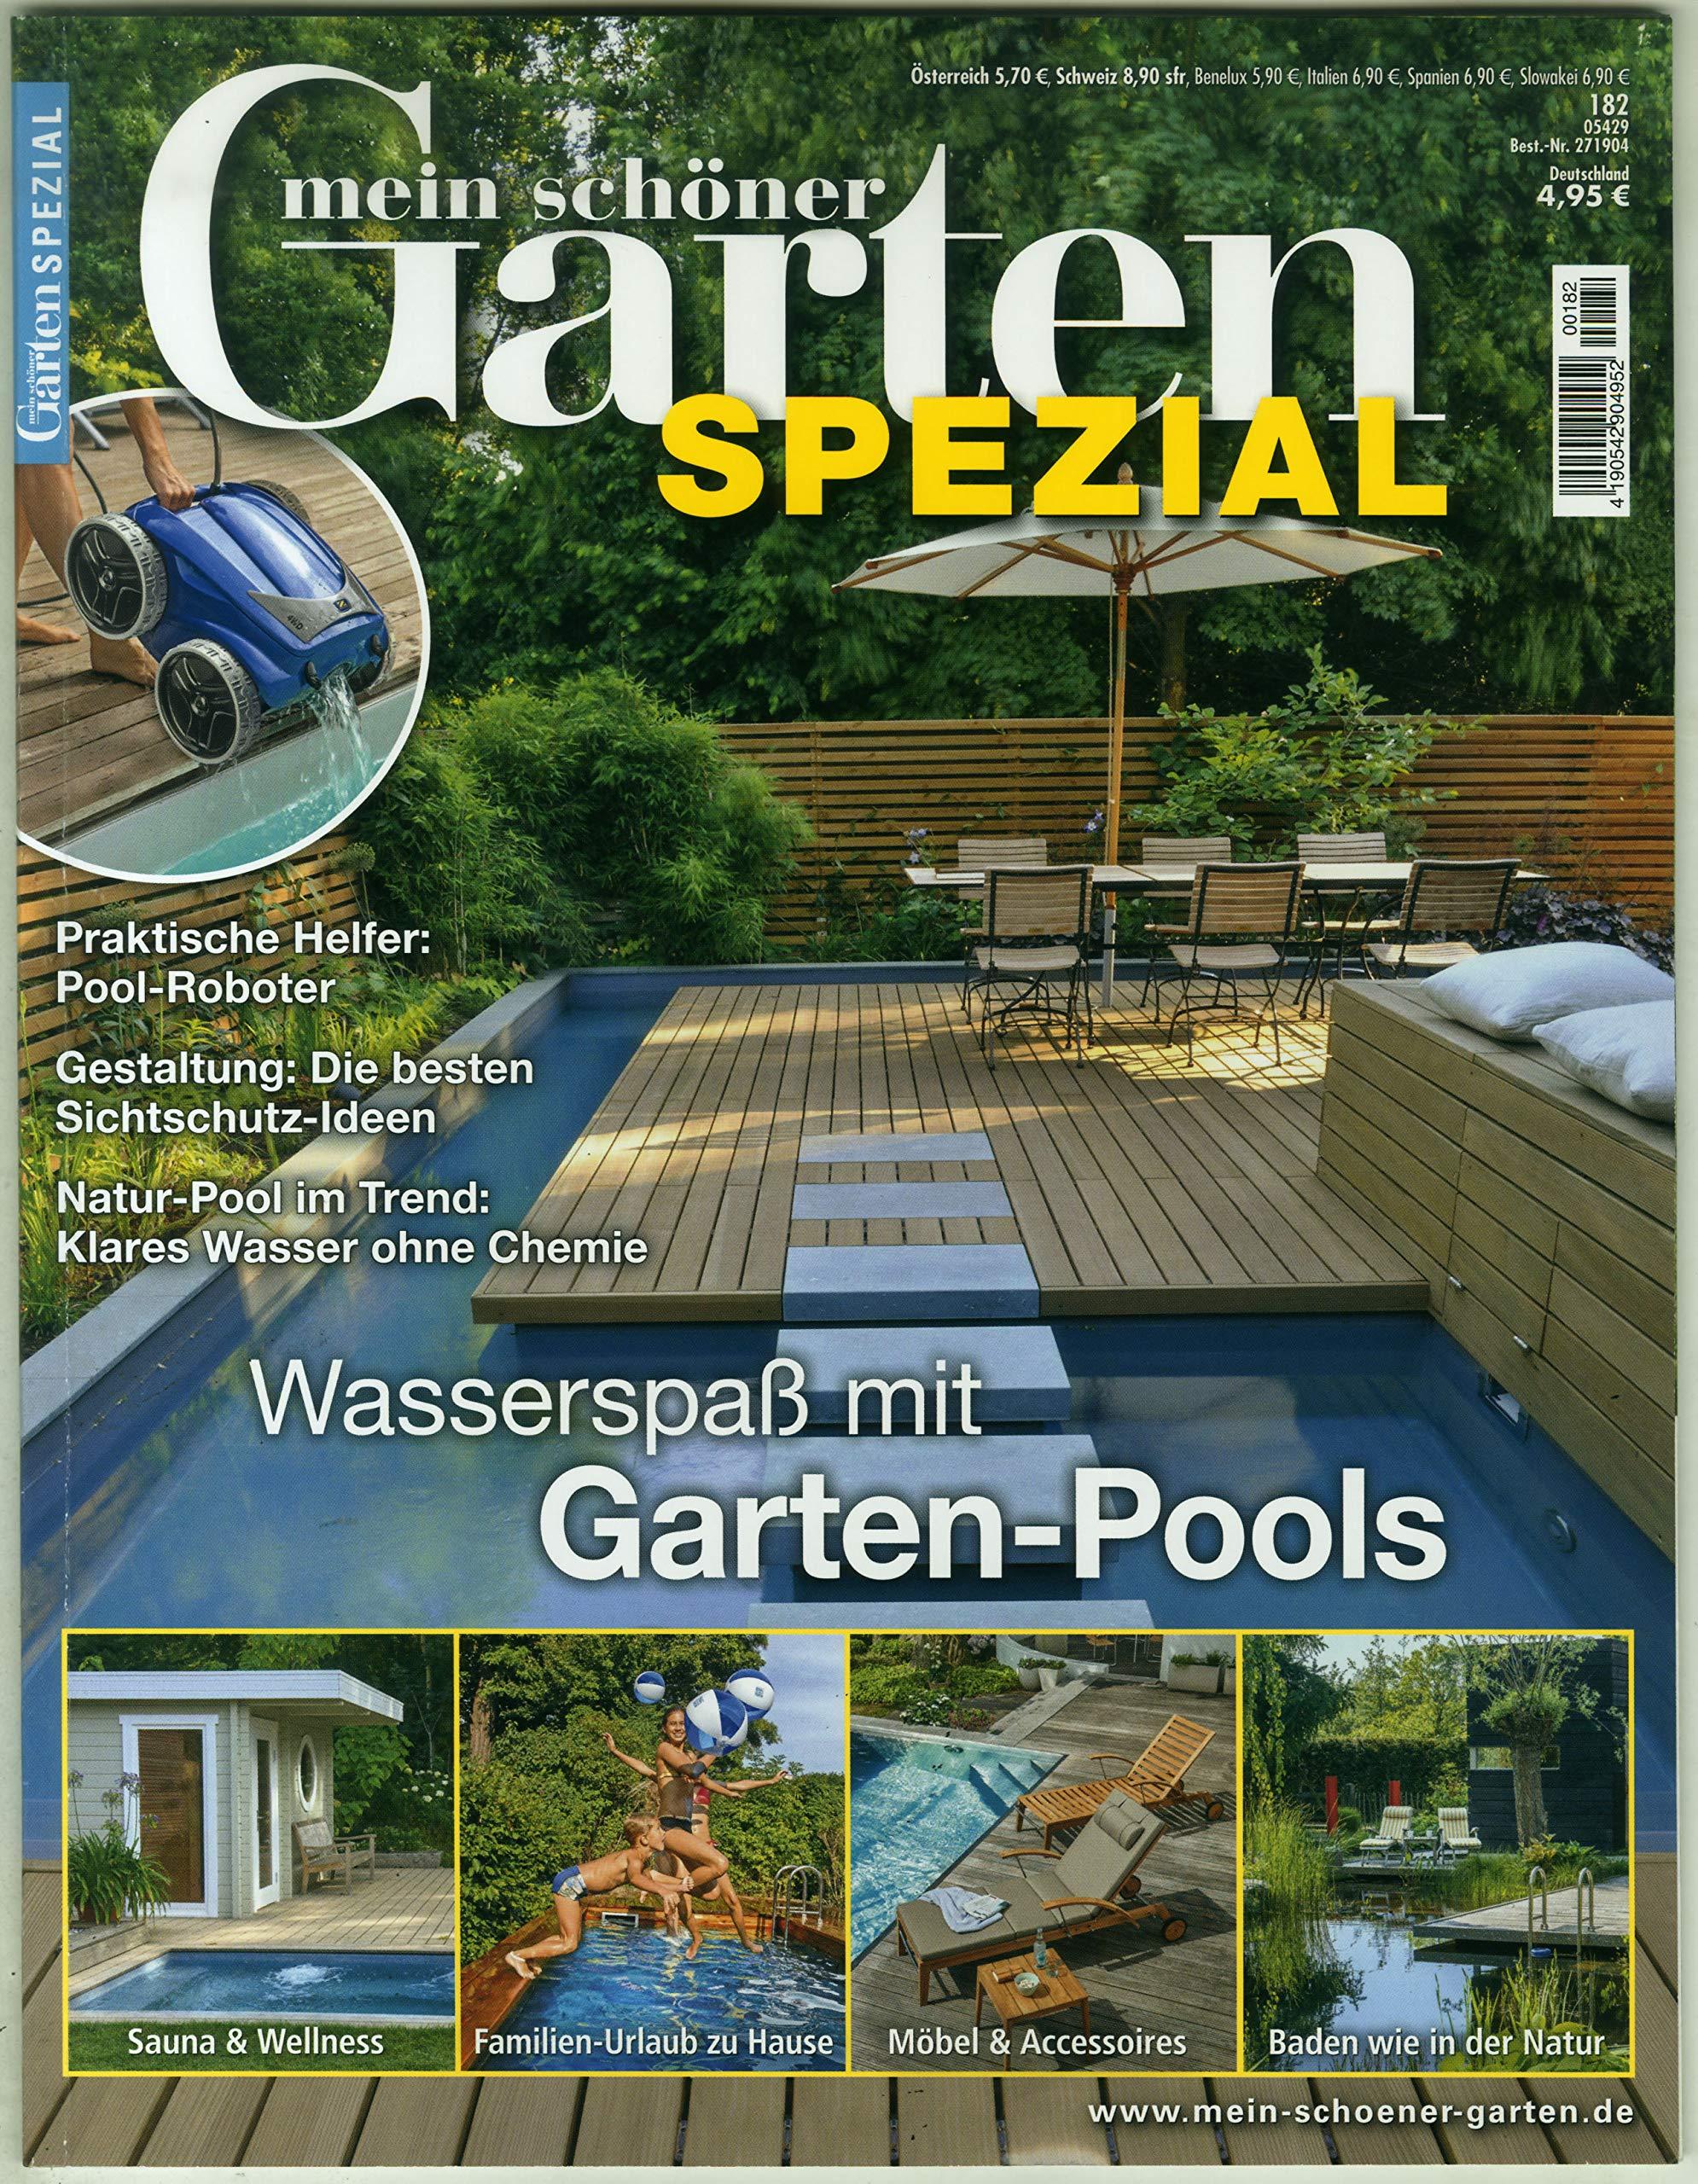 Mein Schoner Garten Spezial 182 2019 Garten Pools Amazon De Mein Schoner Garten Spezial Bucher